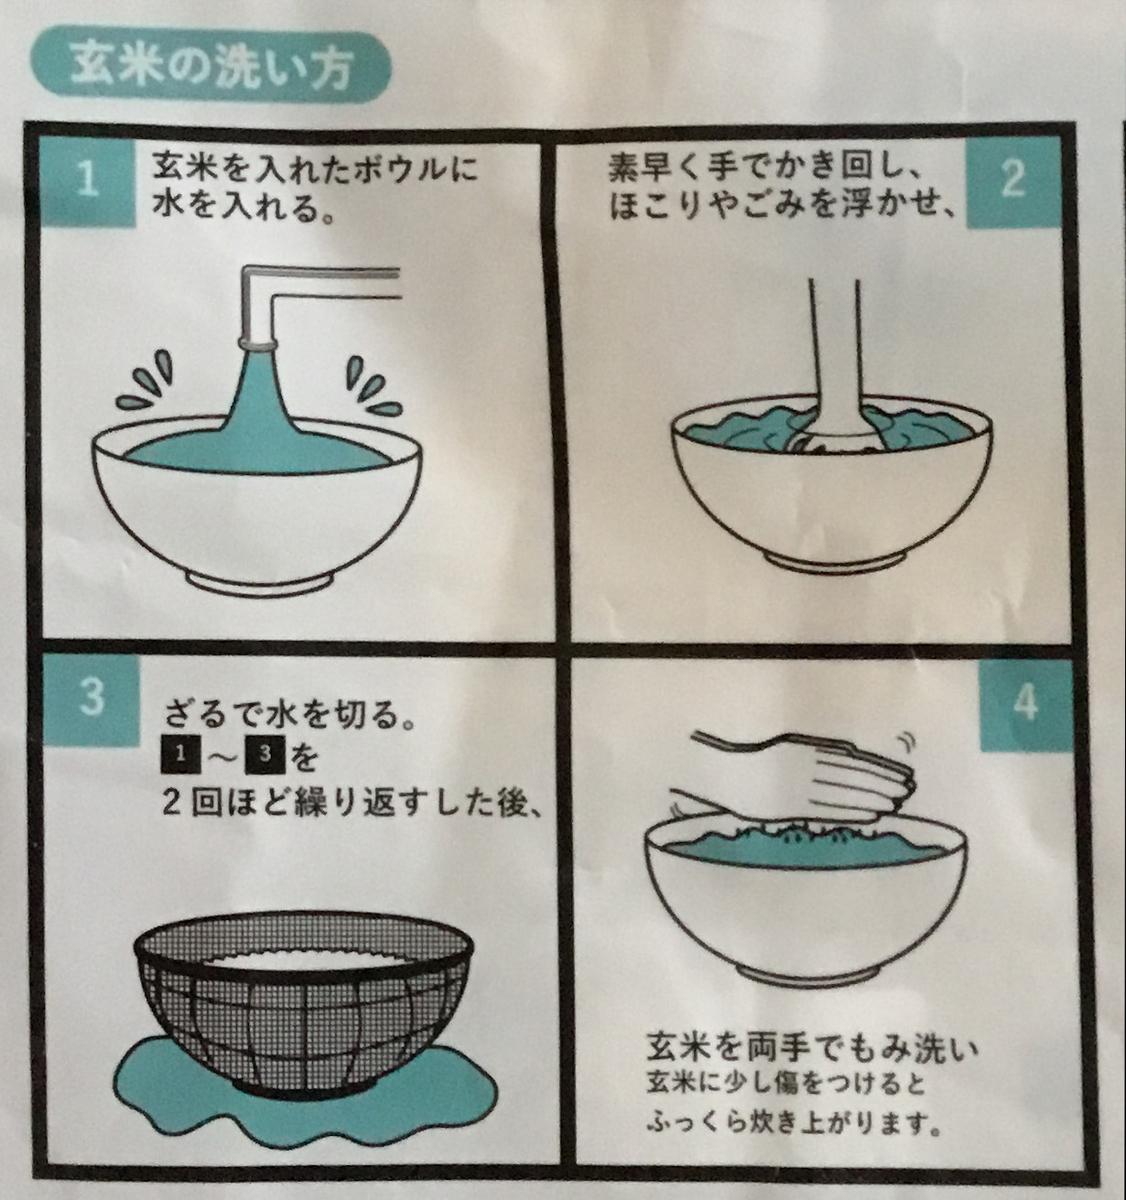 玄米の洗い方